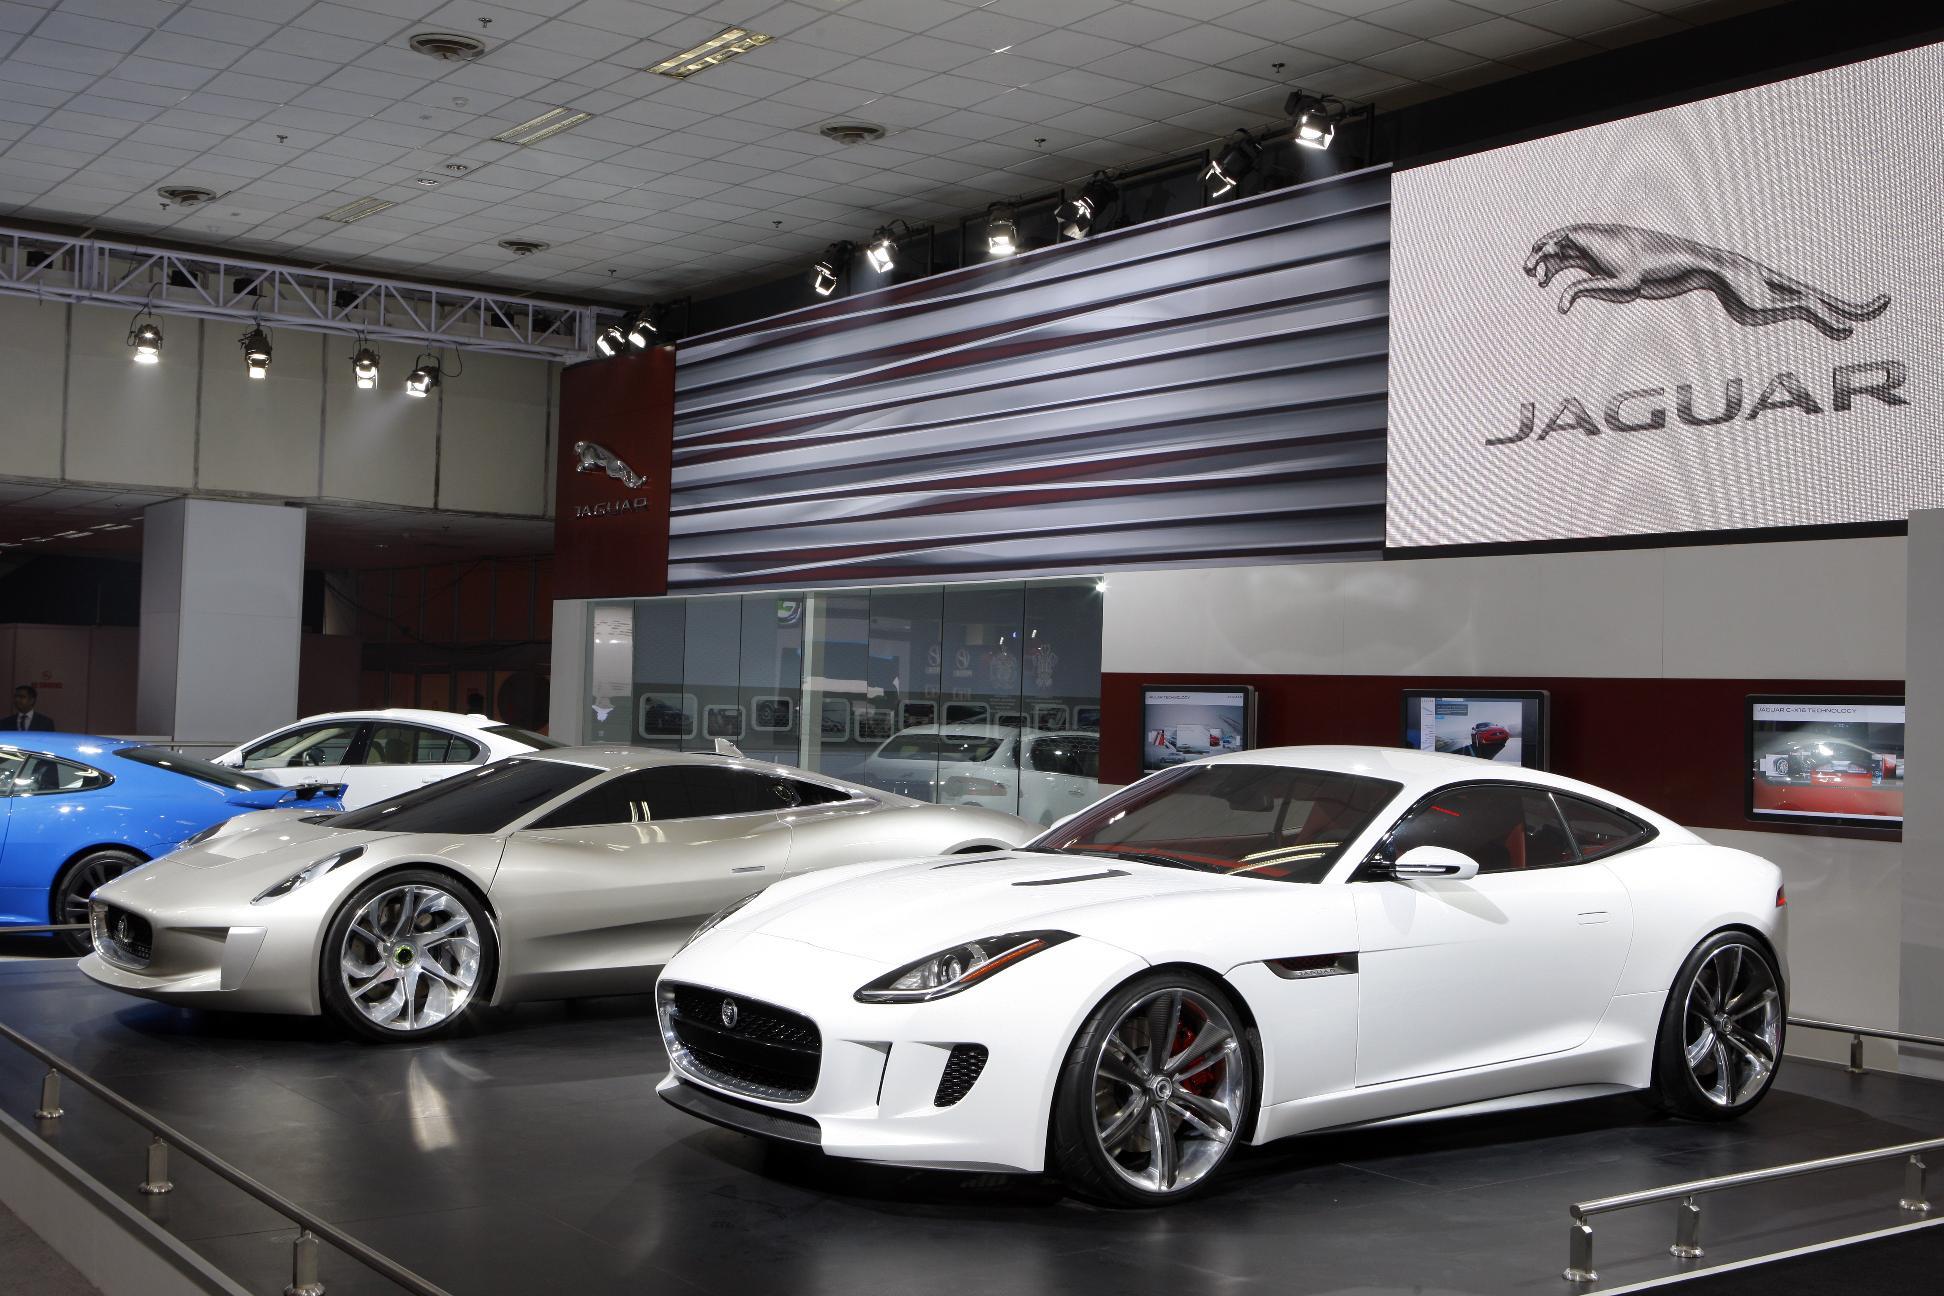 avant premi re la nouvelle jaguar f type coup speedfans. Black Bedroom Furniture Sets. Home Design Ideas